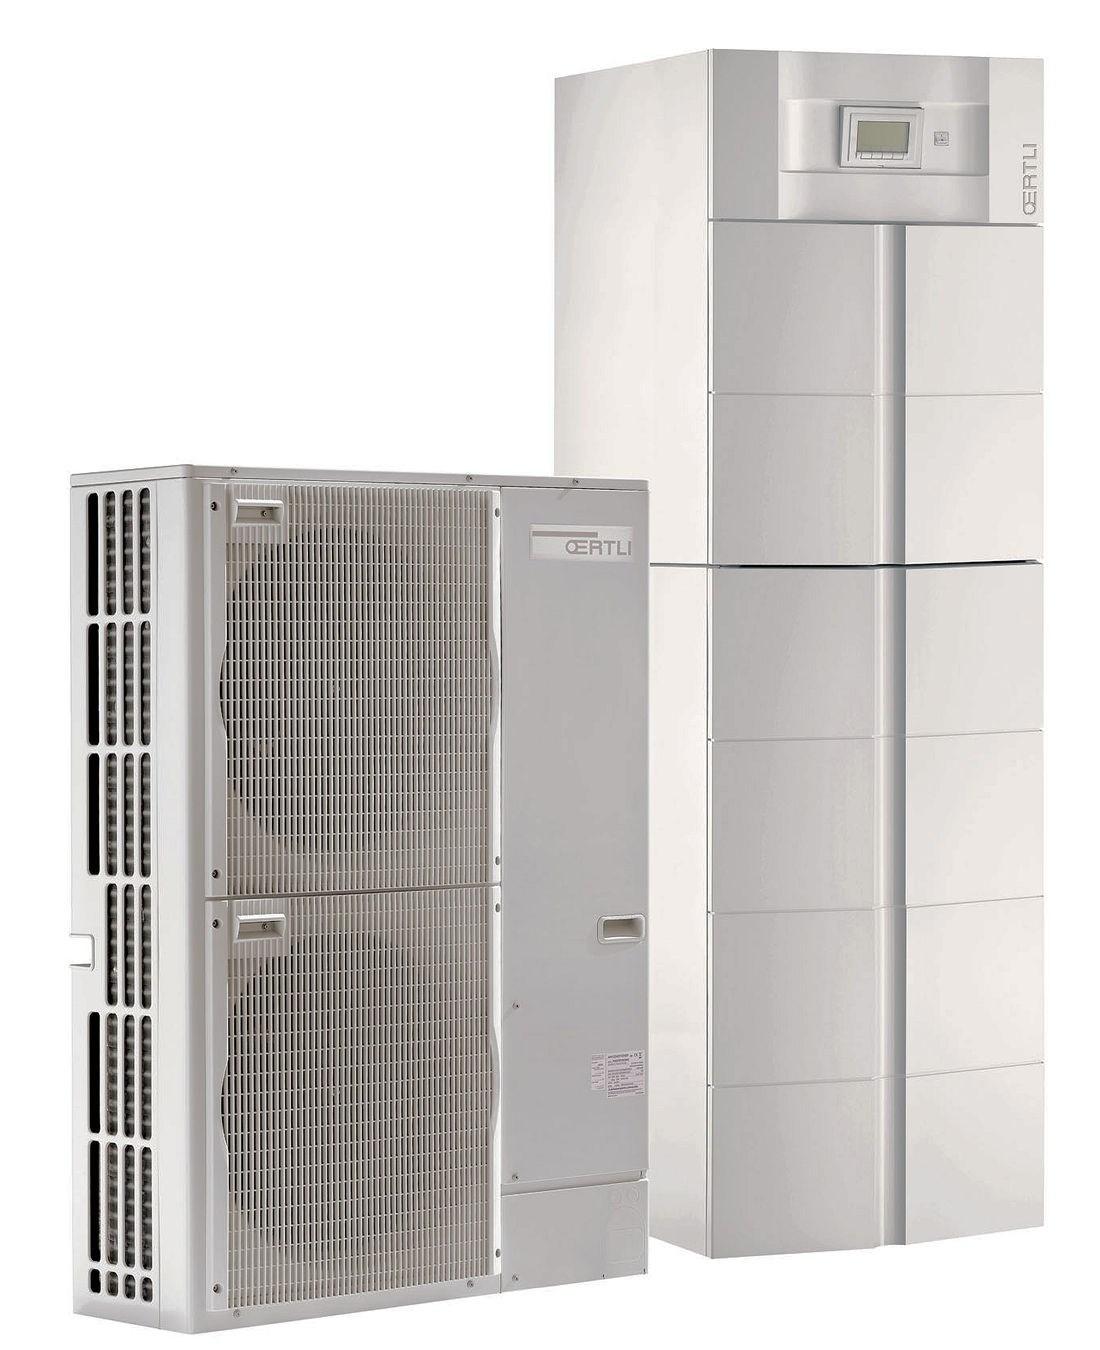 pompe chaleur air eau oenoviapac colonne 2c split inverter avec pr parateur eau chaude. Black Bedroom Furniture Sets. Home Design Ideas